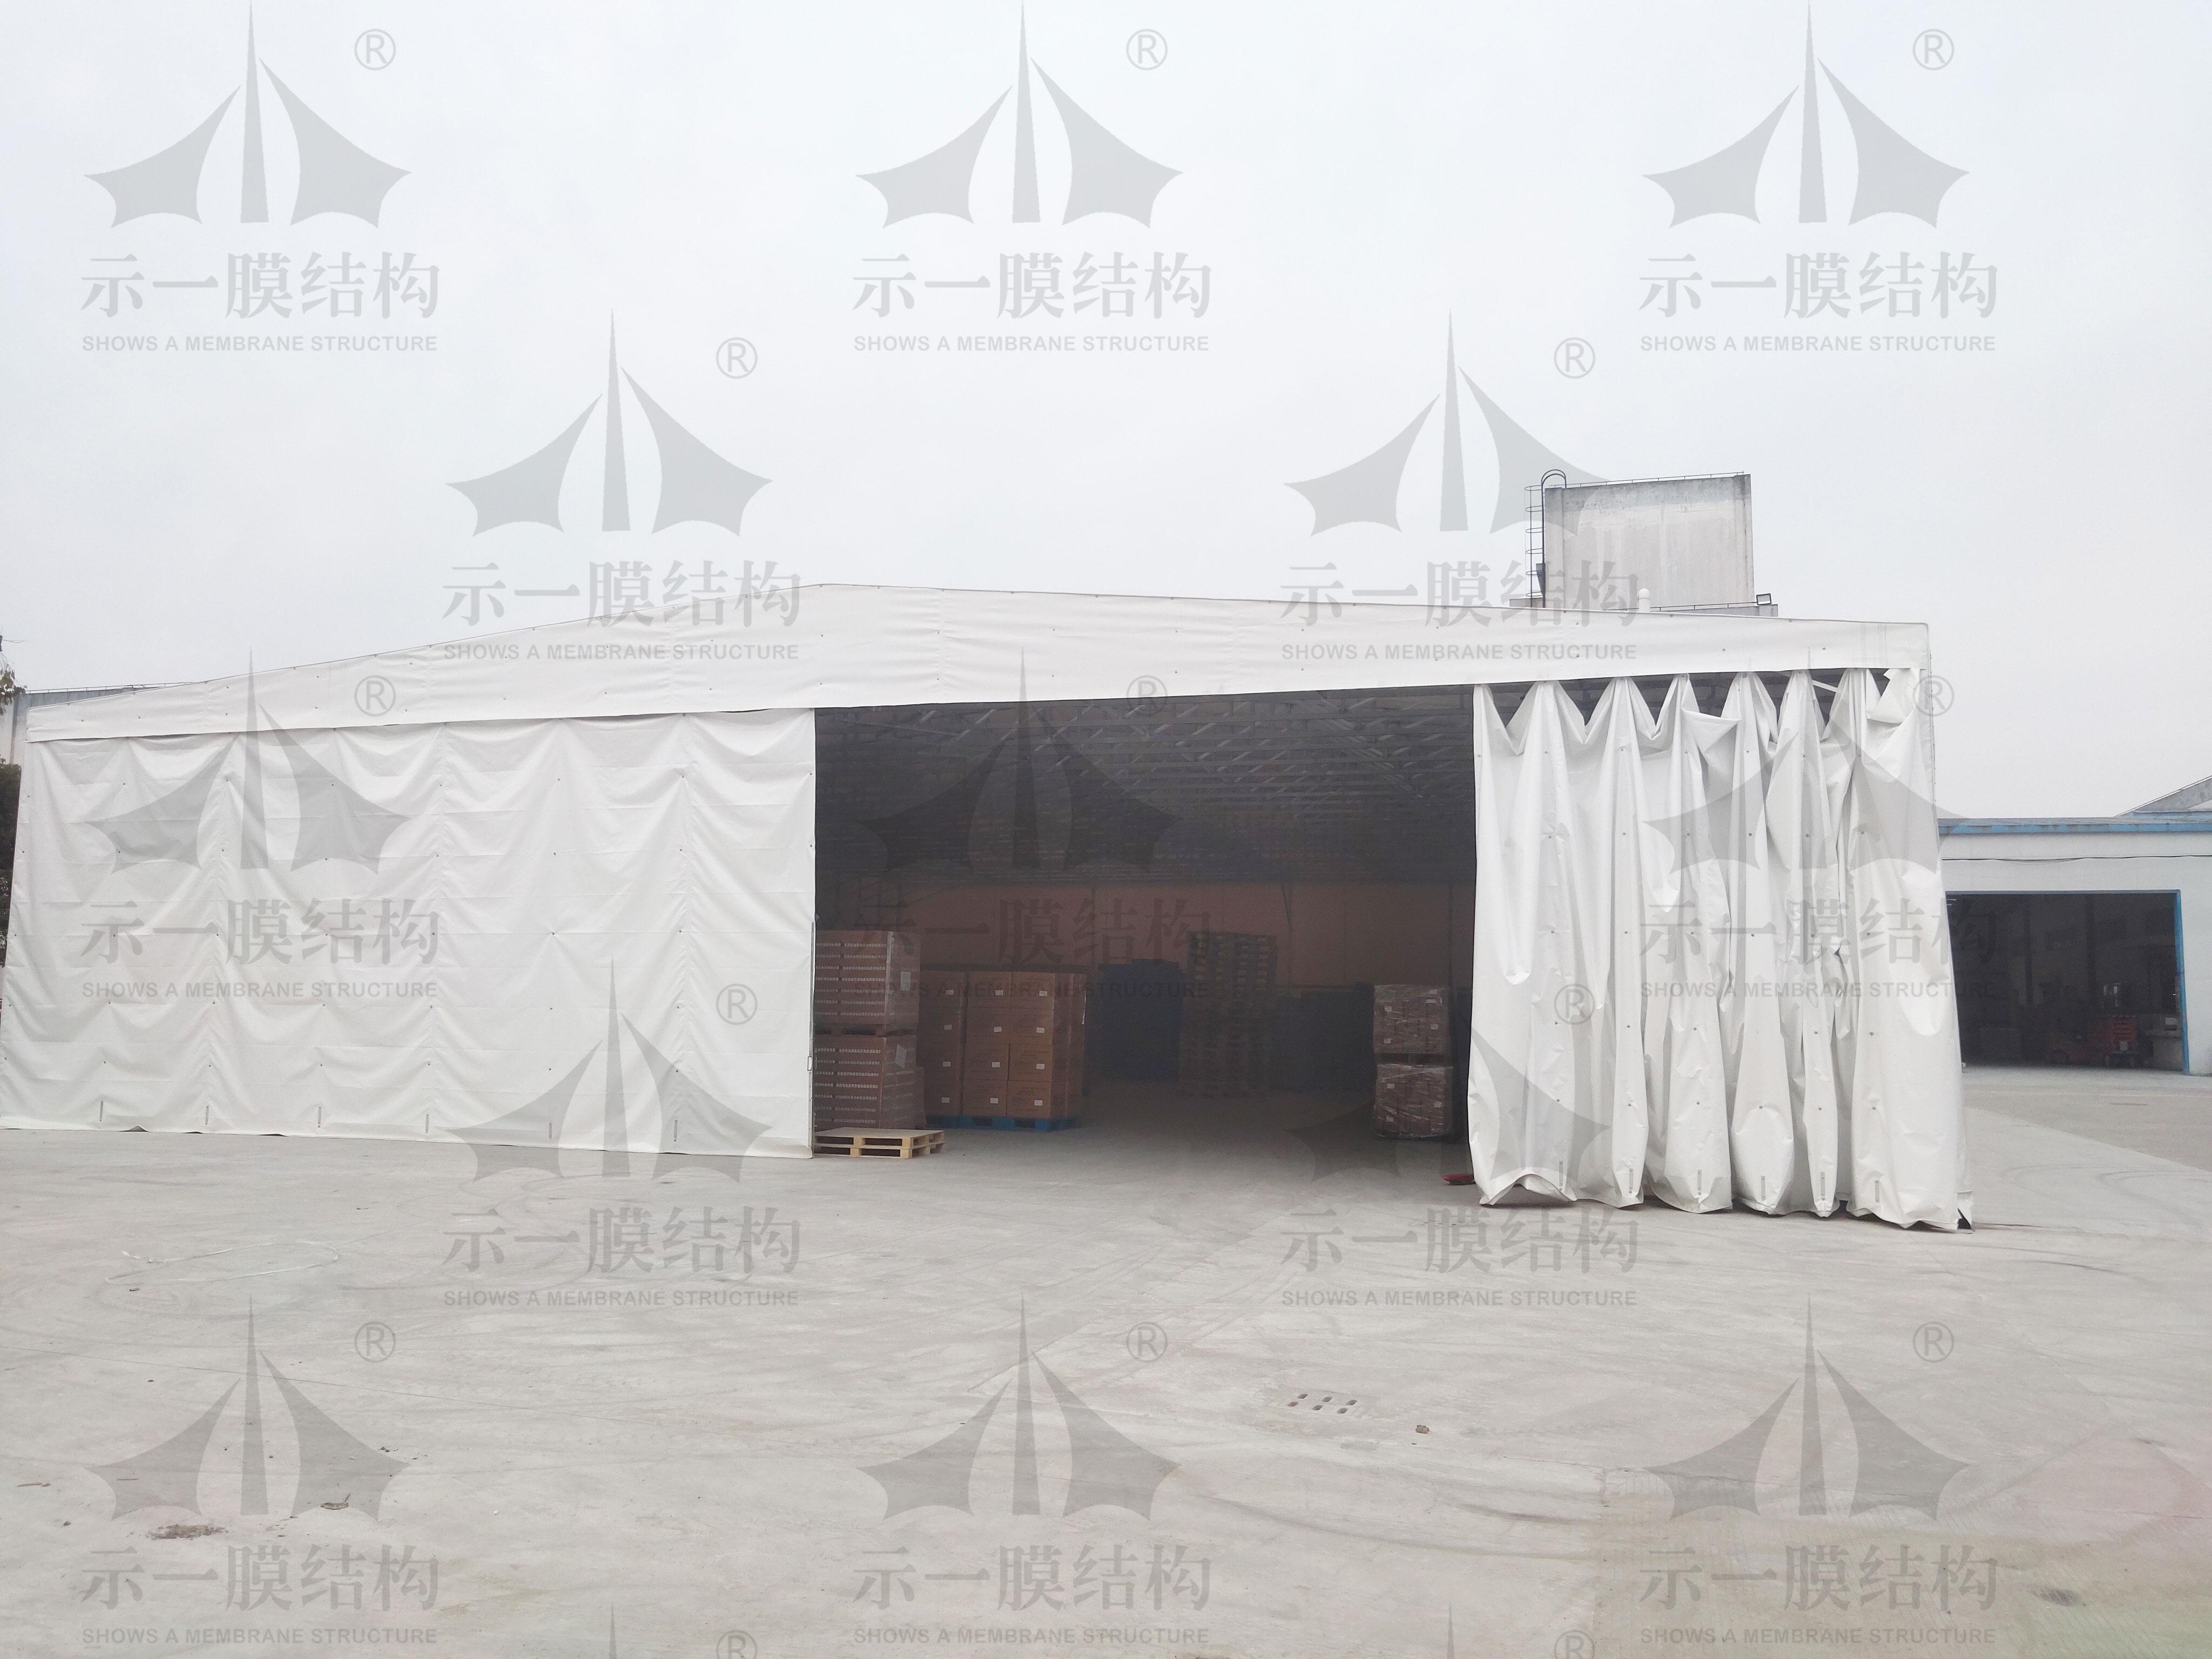 上海示一膜结构金山推拉棚